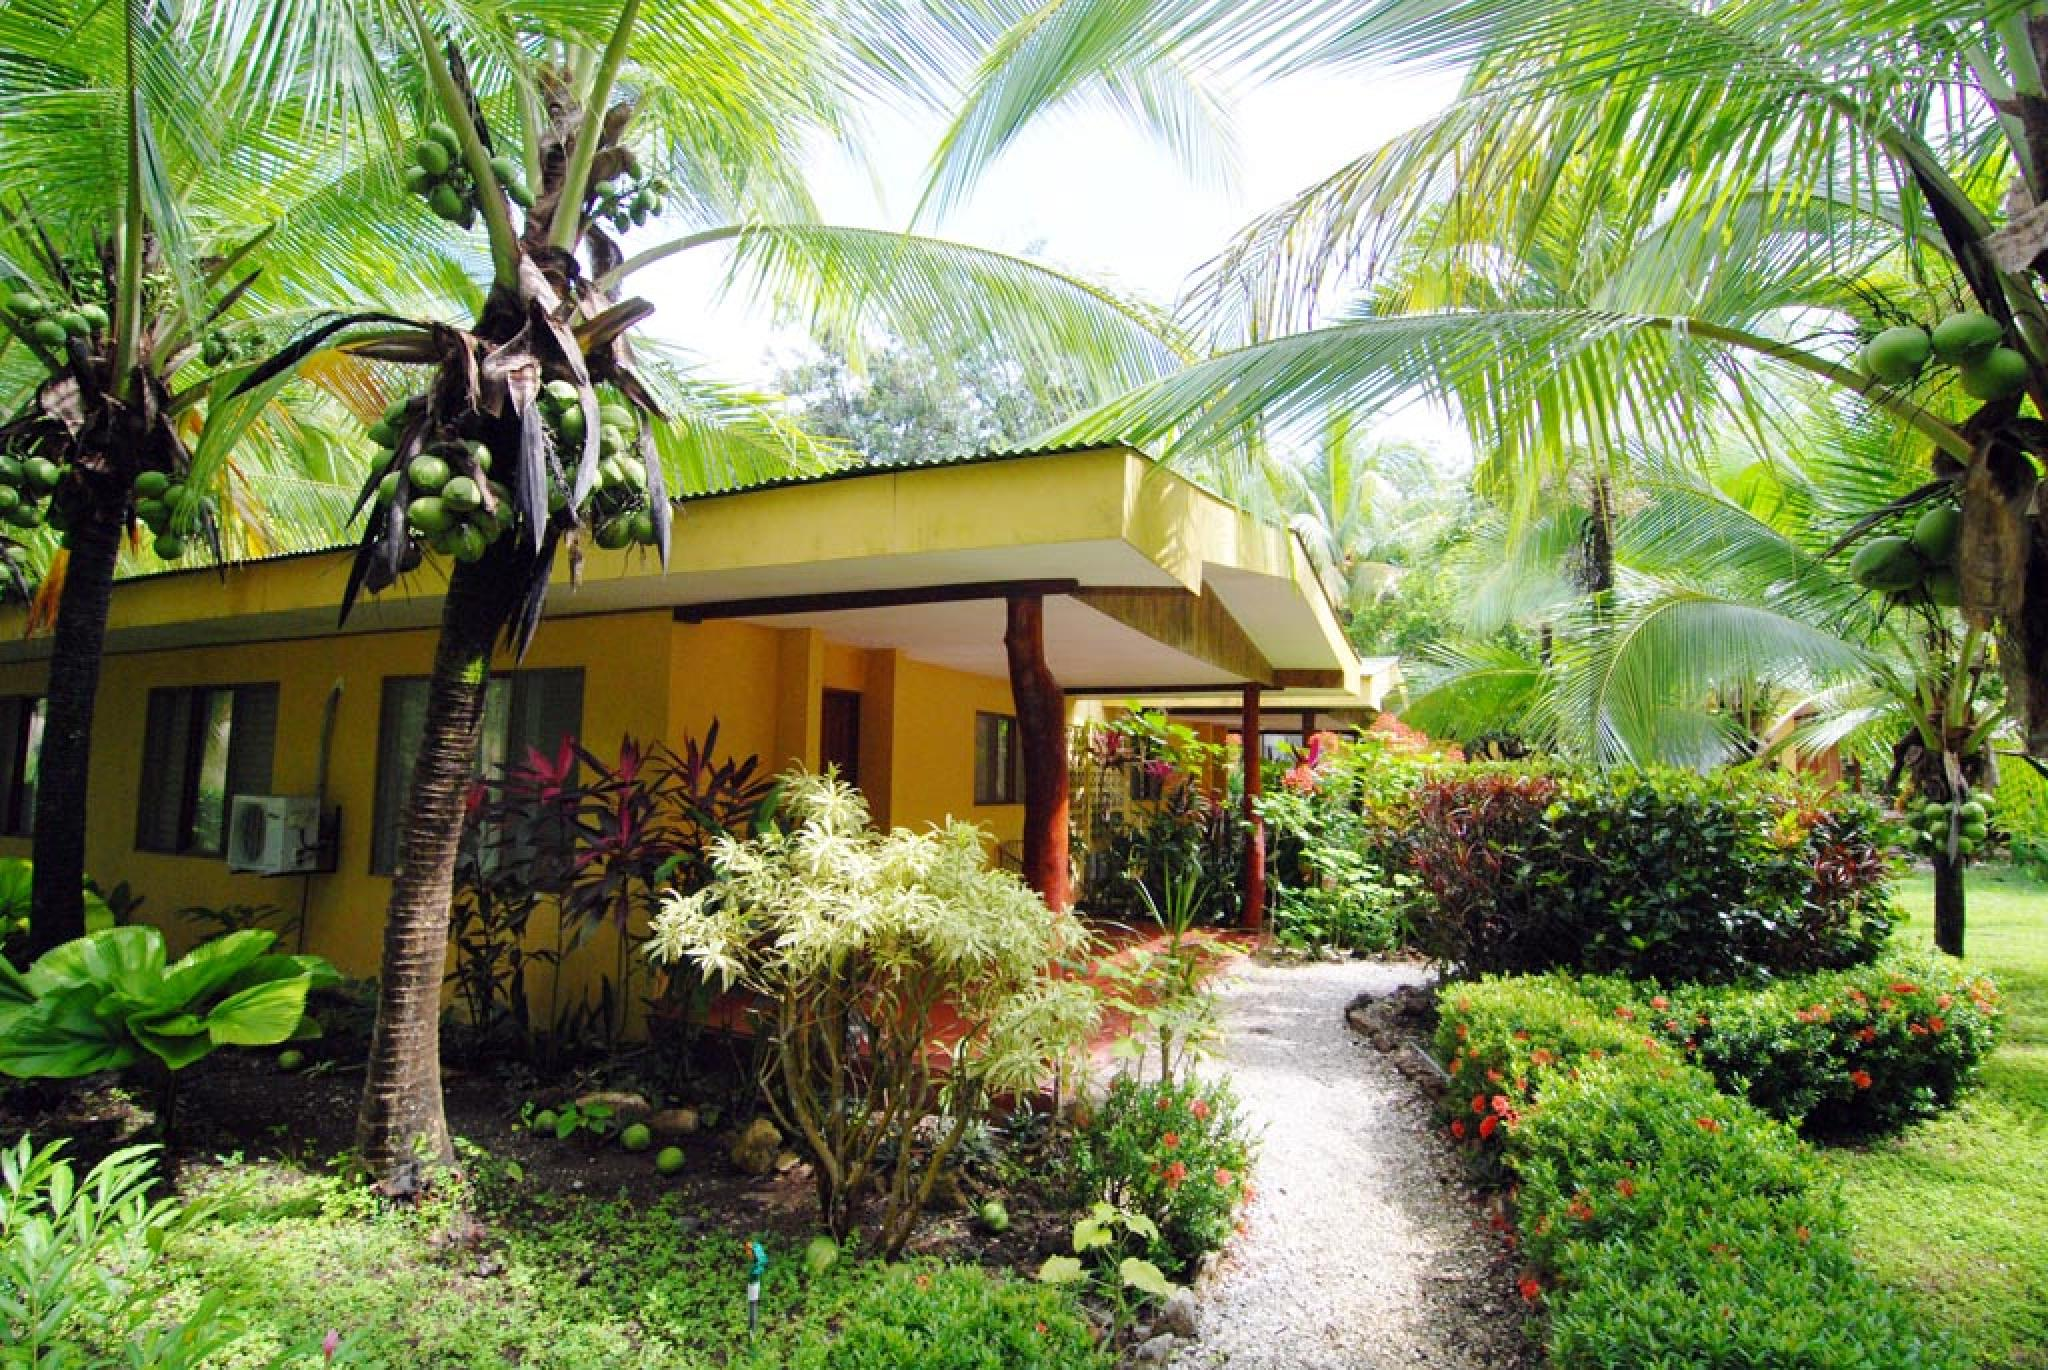 El Sueno Tropical Hotel